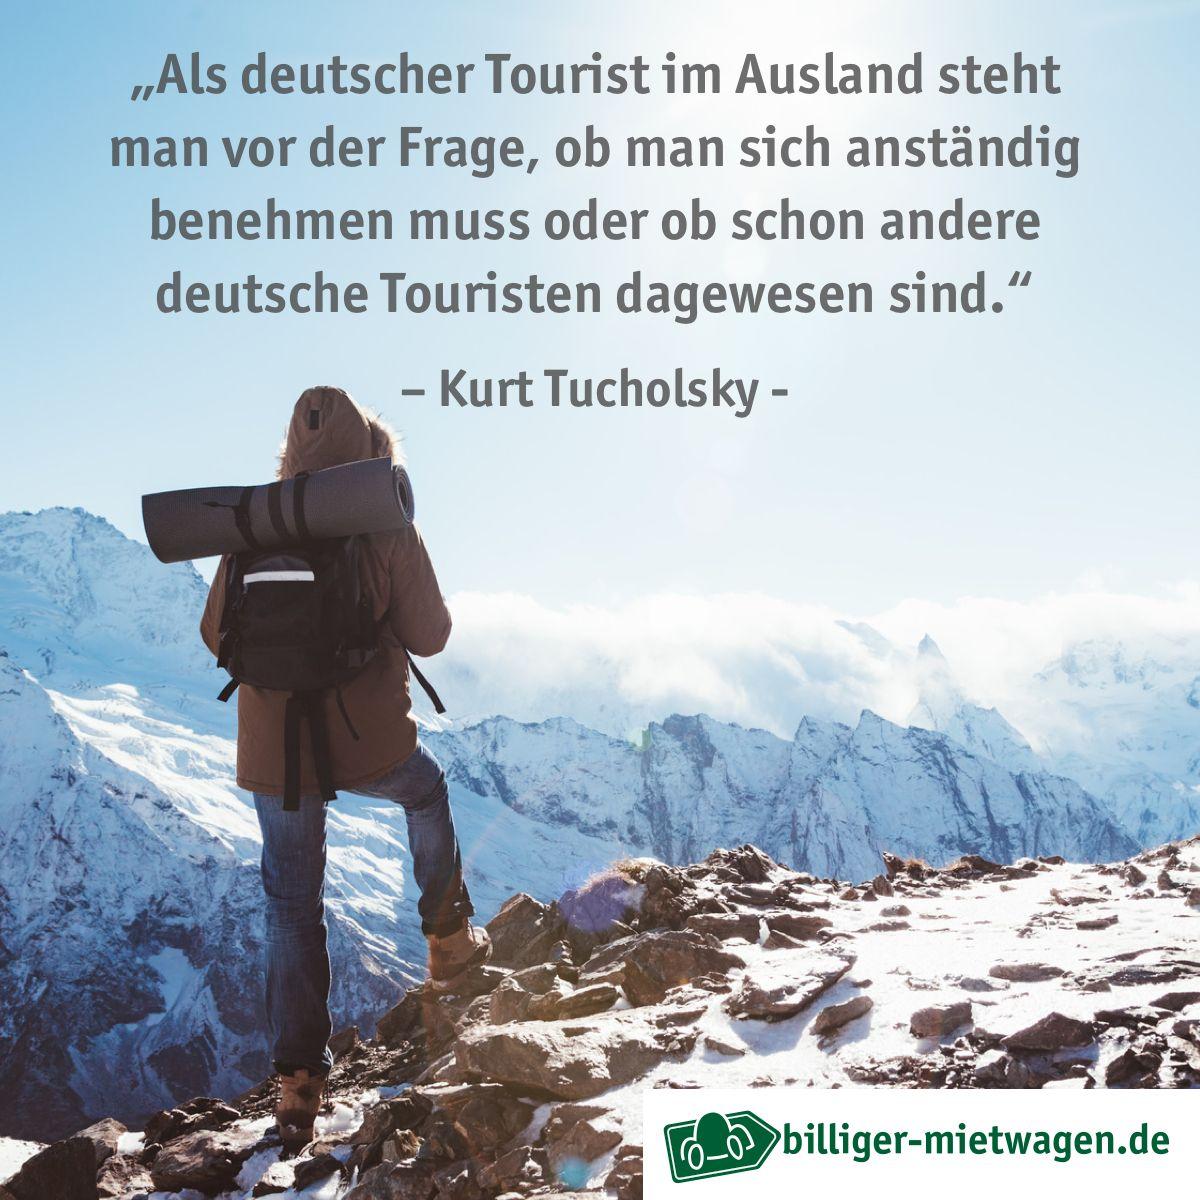 Als Deutscher Tourist Im Ausland Steht Man Vor Der Frage Ob Man Sich Anstandig Benehmen Muss Oder Ob Schon Andere Deut Kurt Tucholsky Zitate Reisen Tucholsky